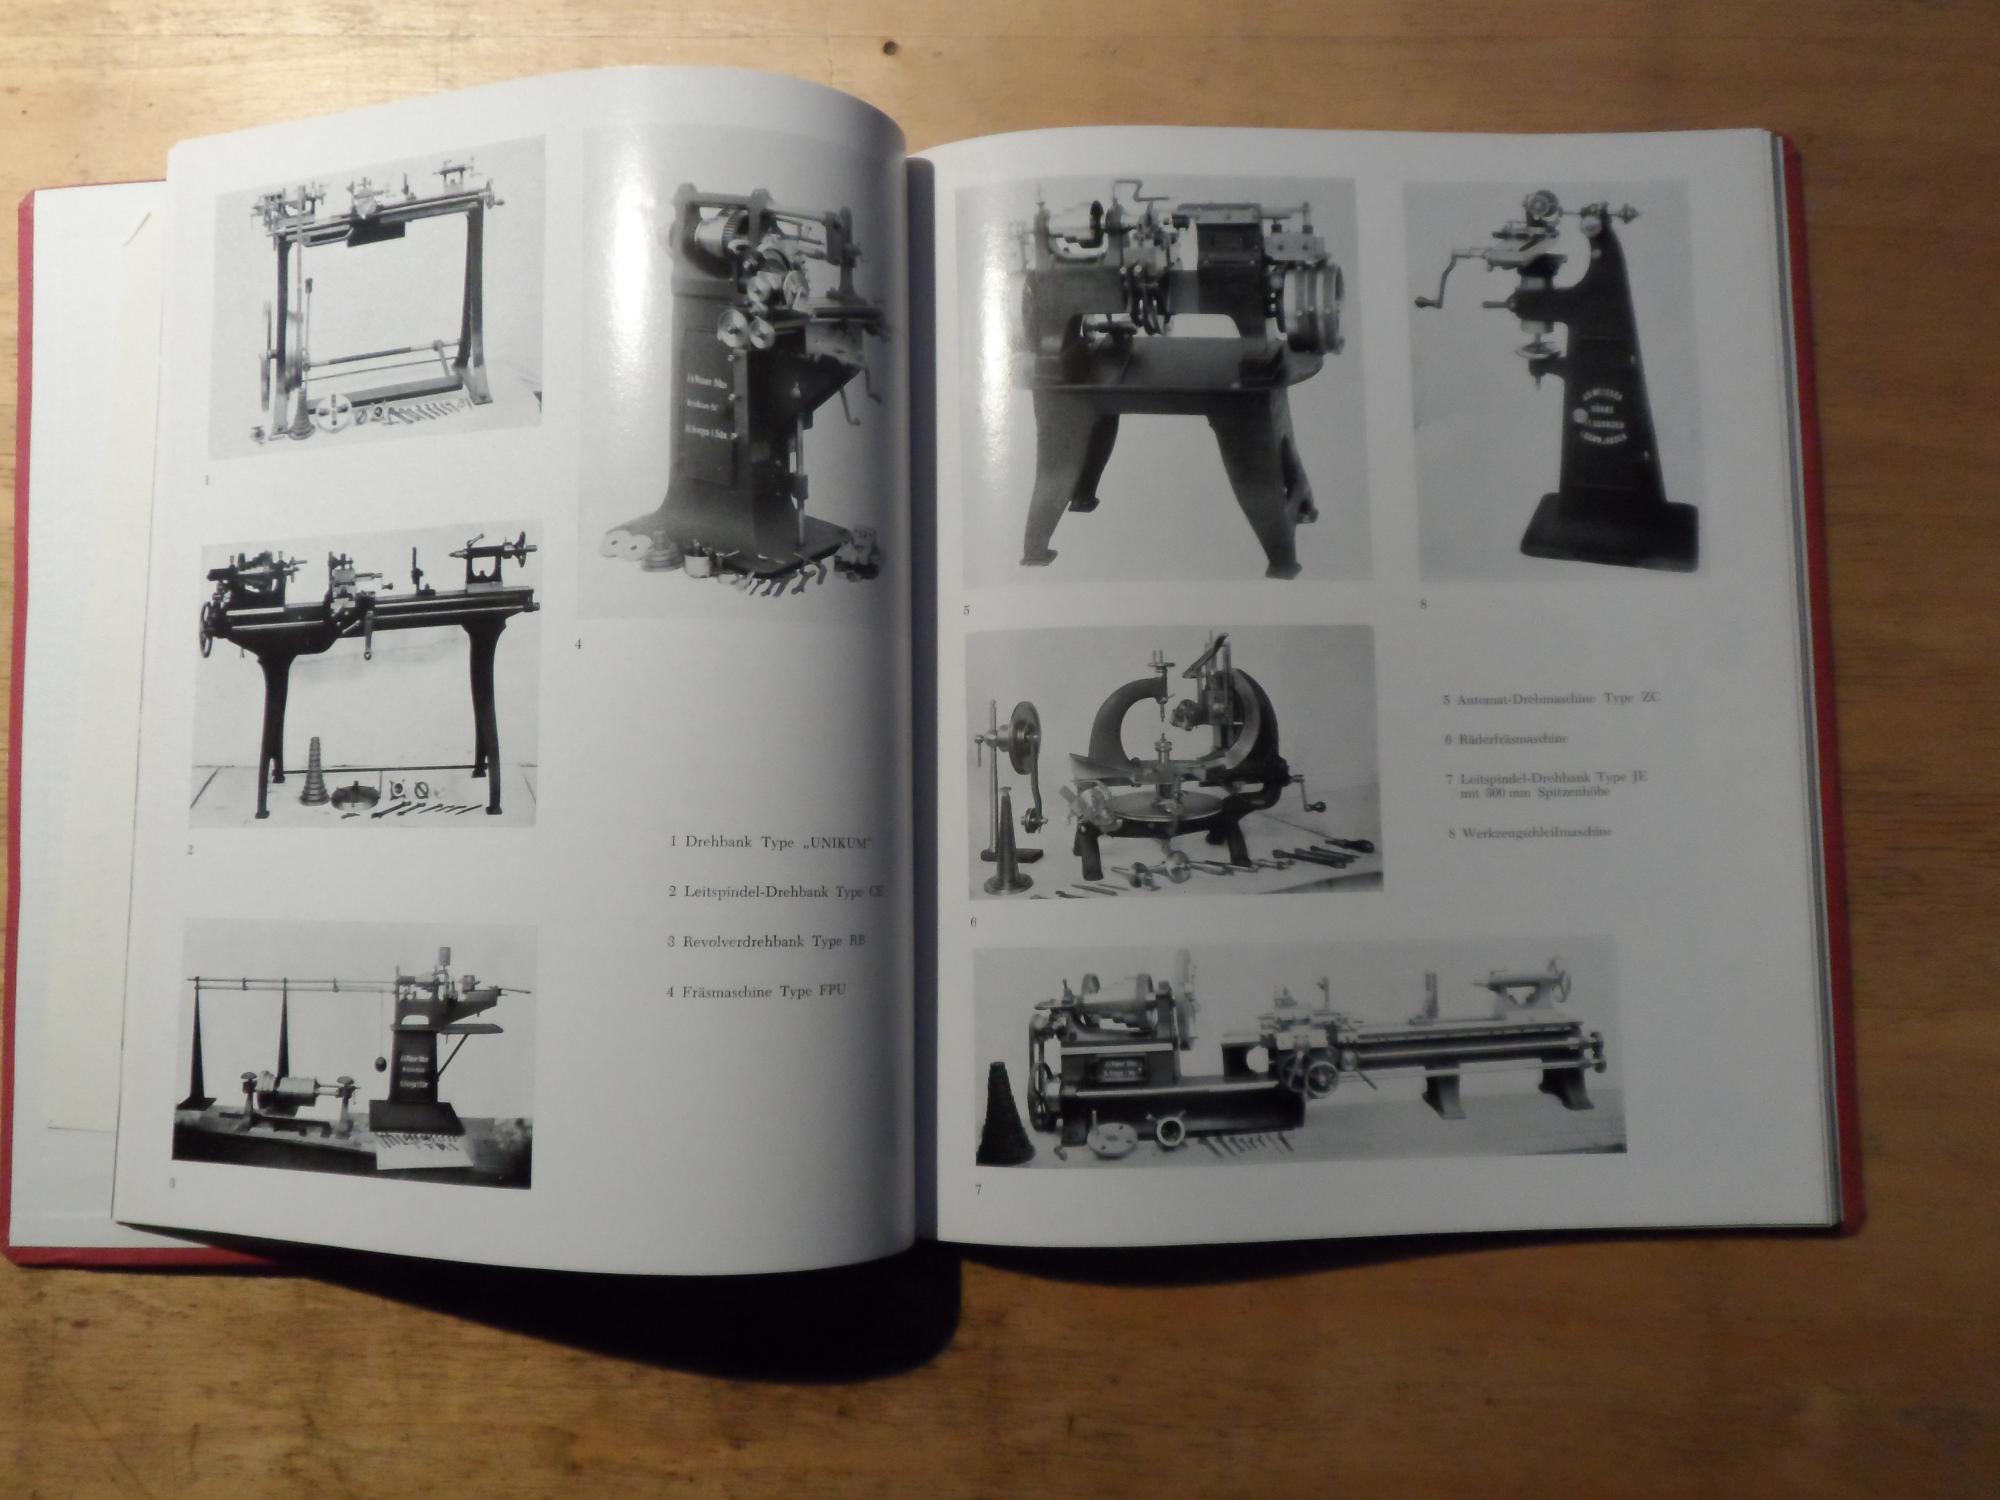 1856 1956 100 jahre werkzeugmaschienenfabrik j g weisser s hne st georgen schwarzwald von. Black Bedroom Furniture Sets. Home Design Ideas